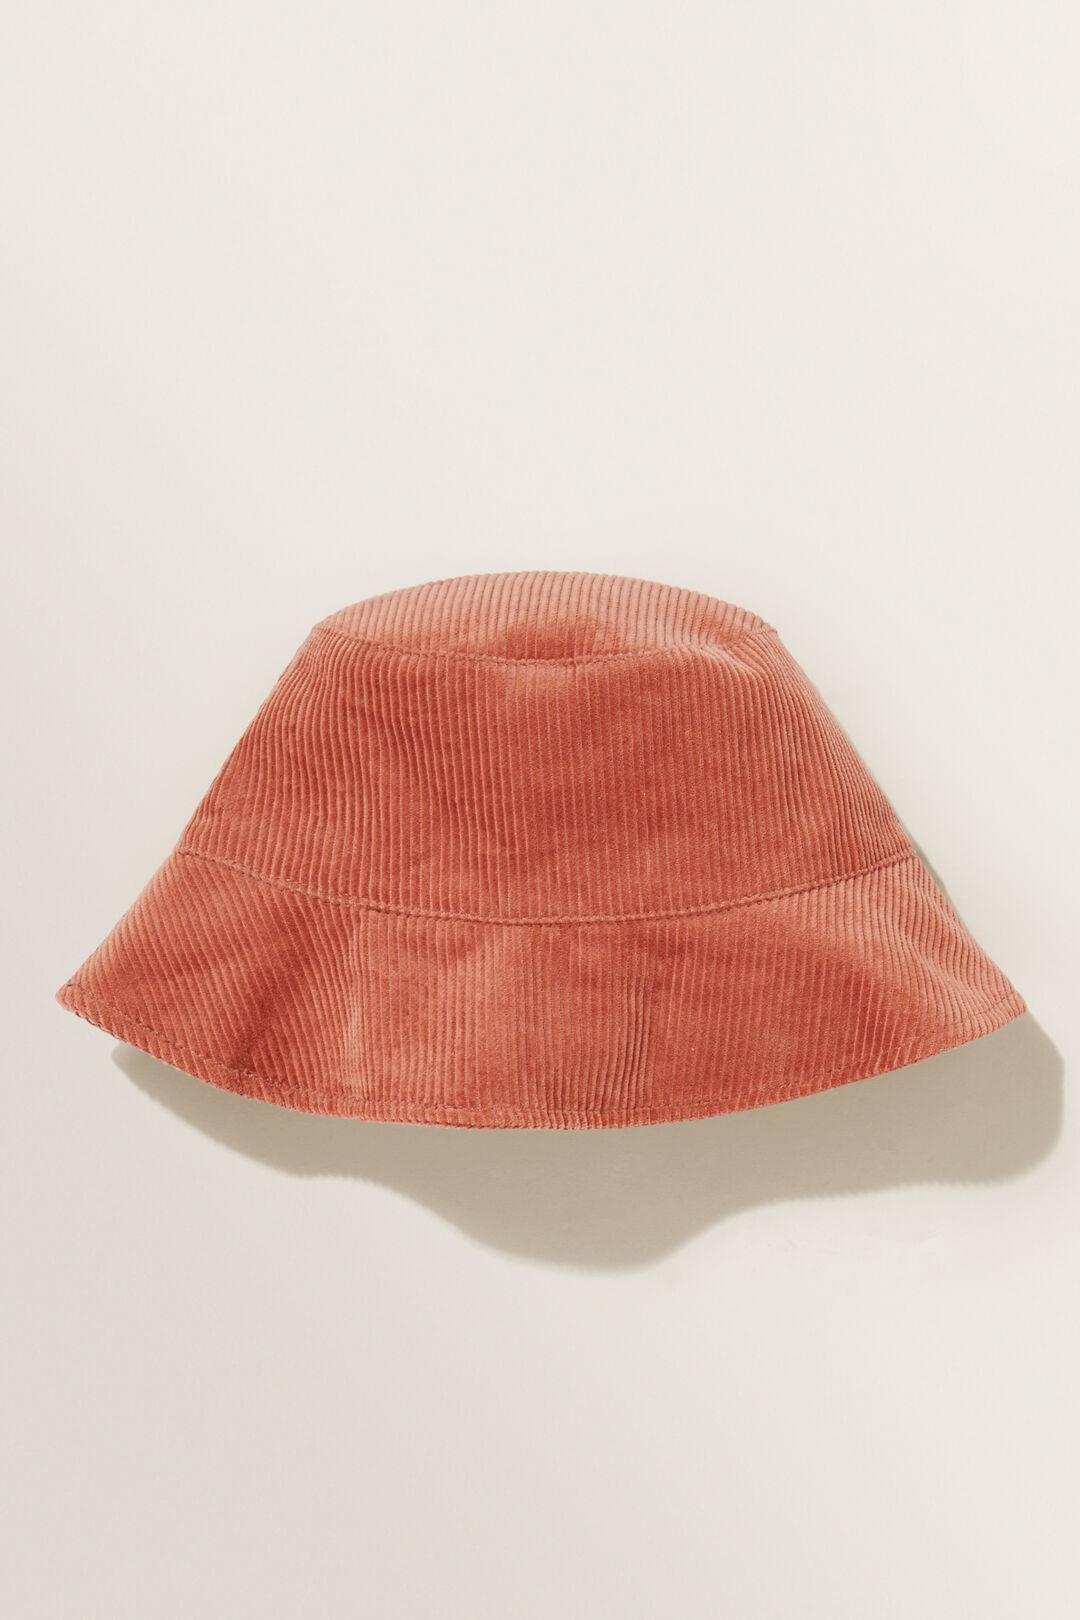 Cord Bucket Hat  CLAY  hi-res